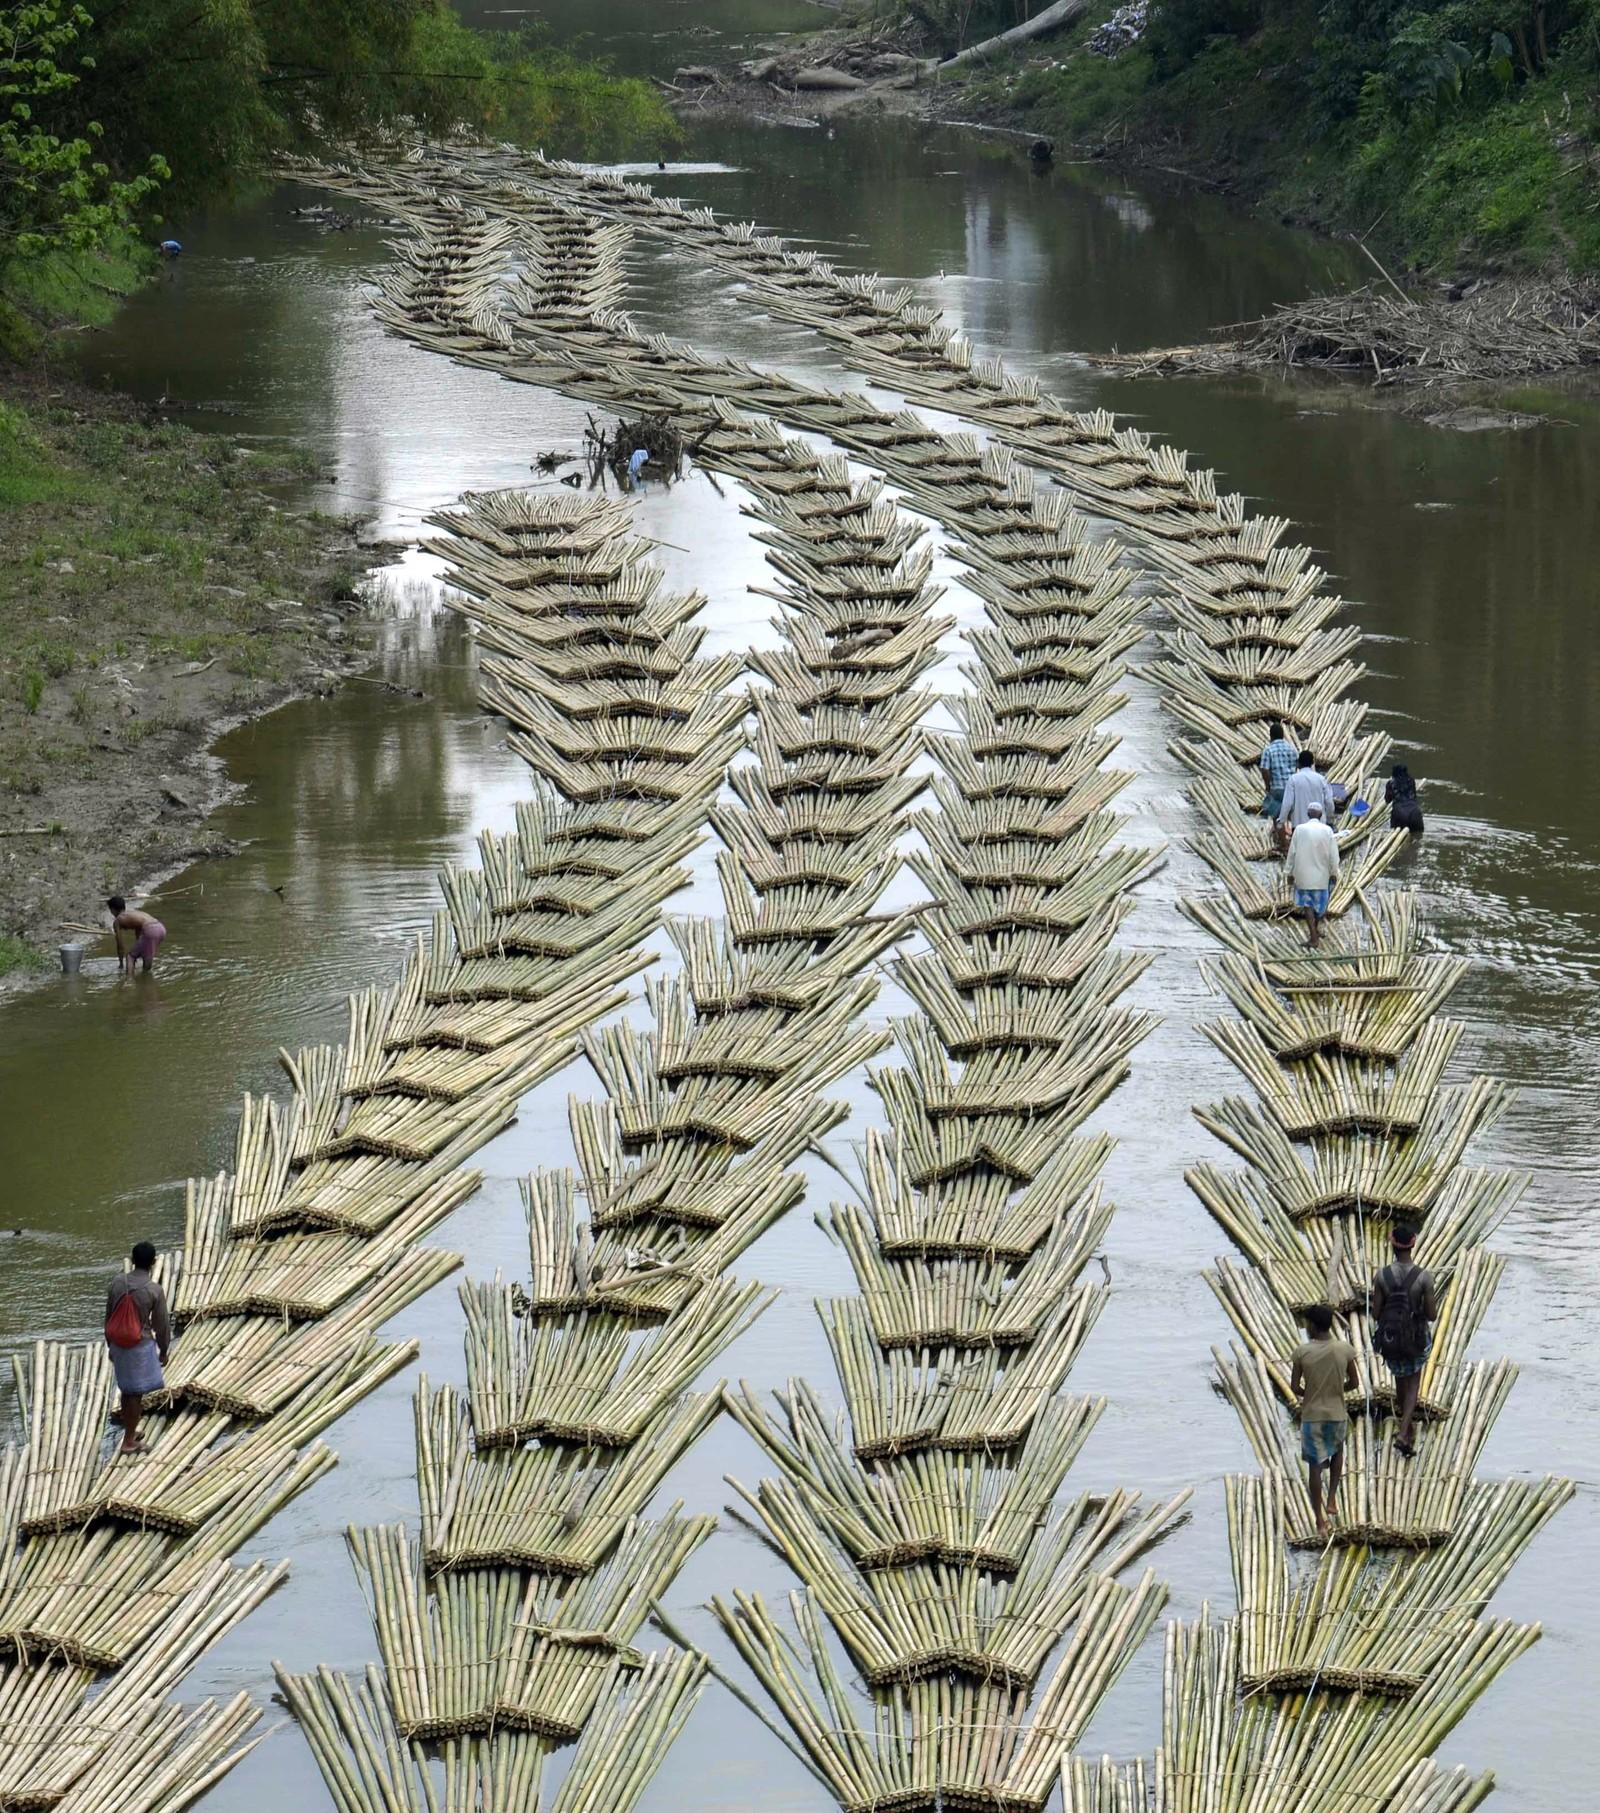 Et hav av bambus på elva Longai i Bangladesh.